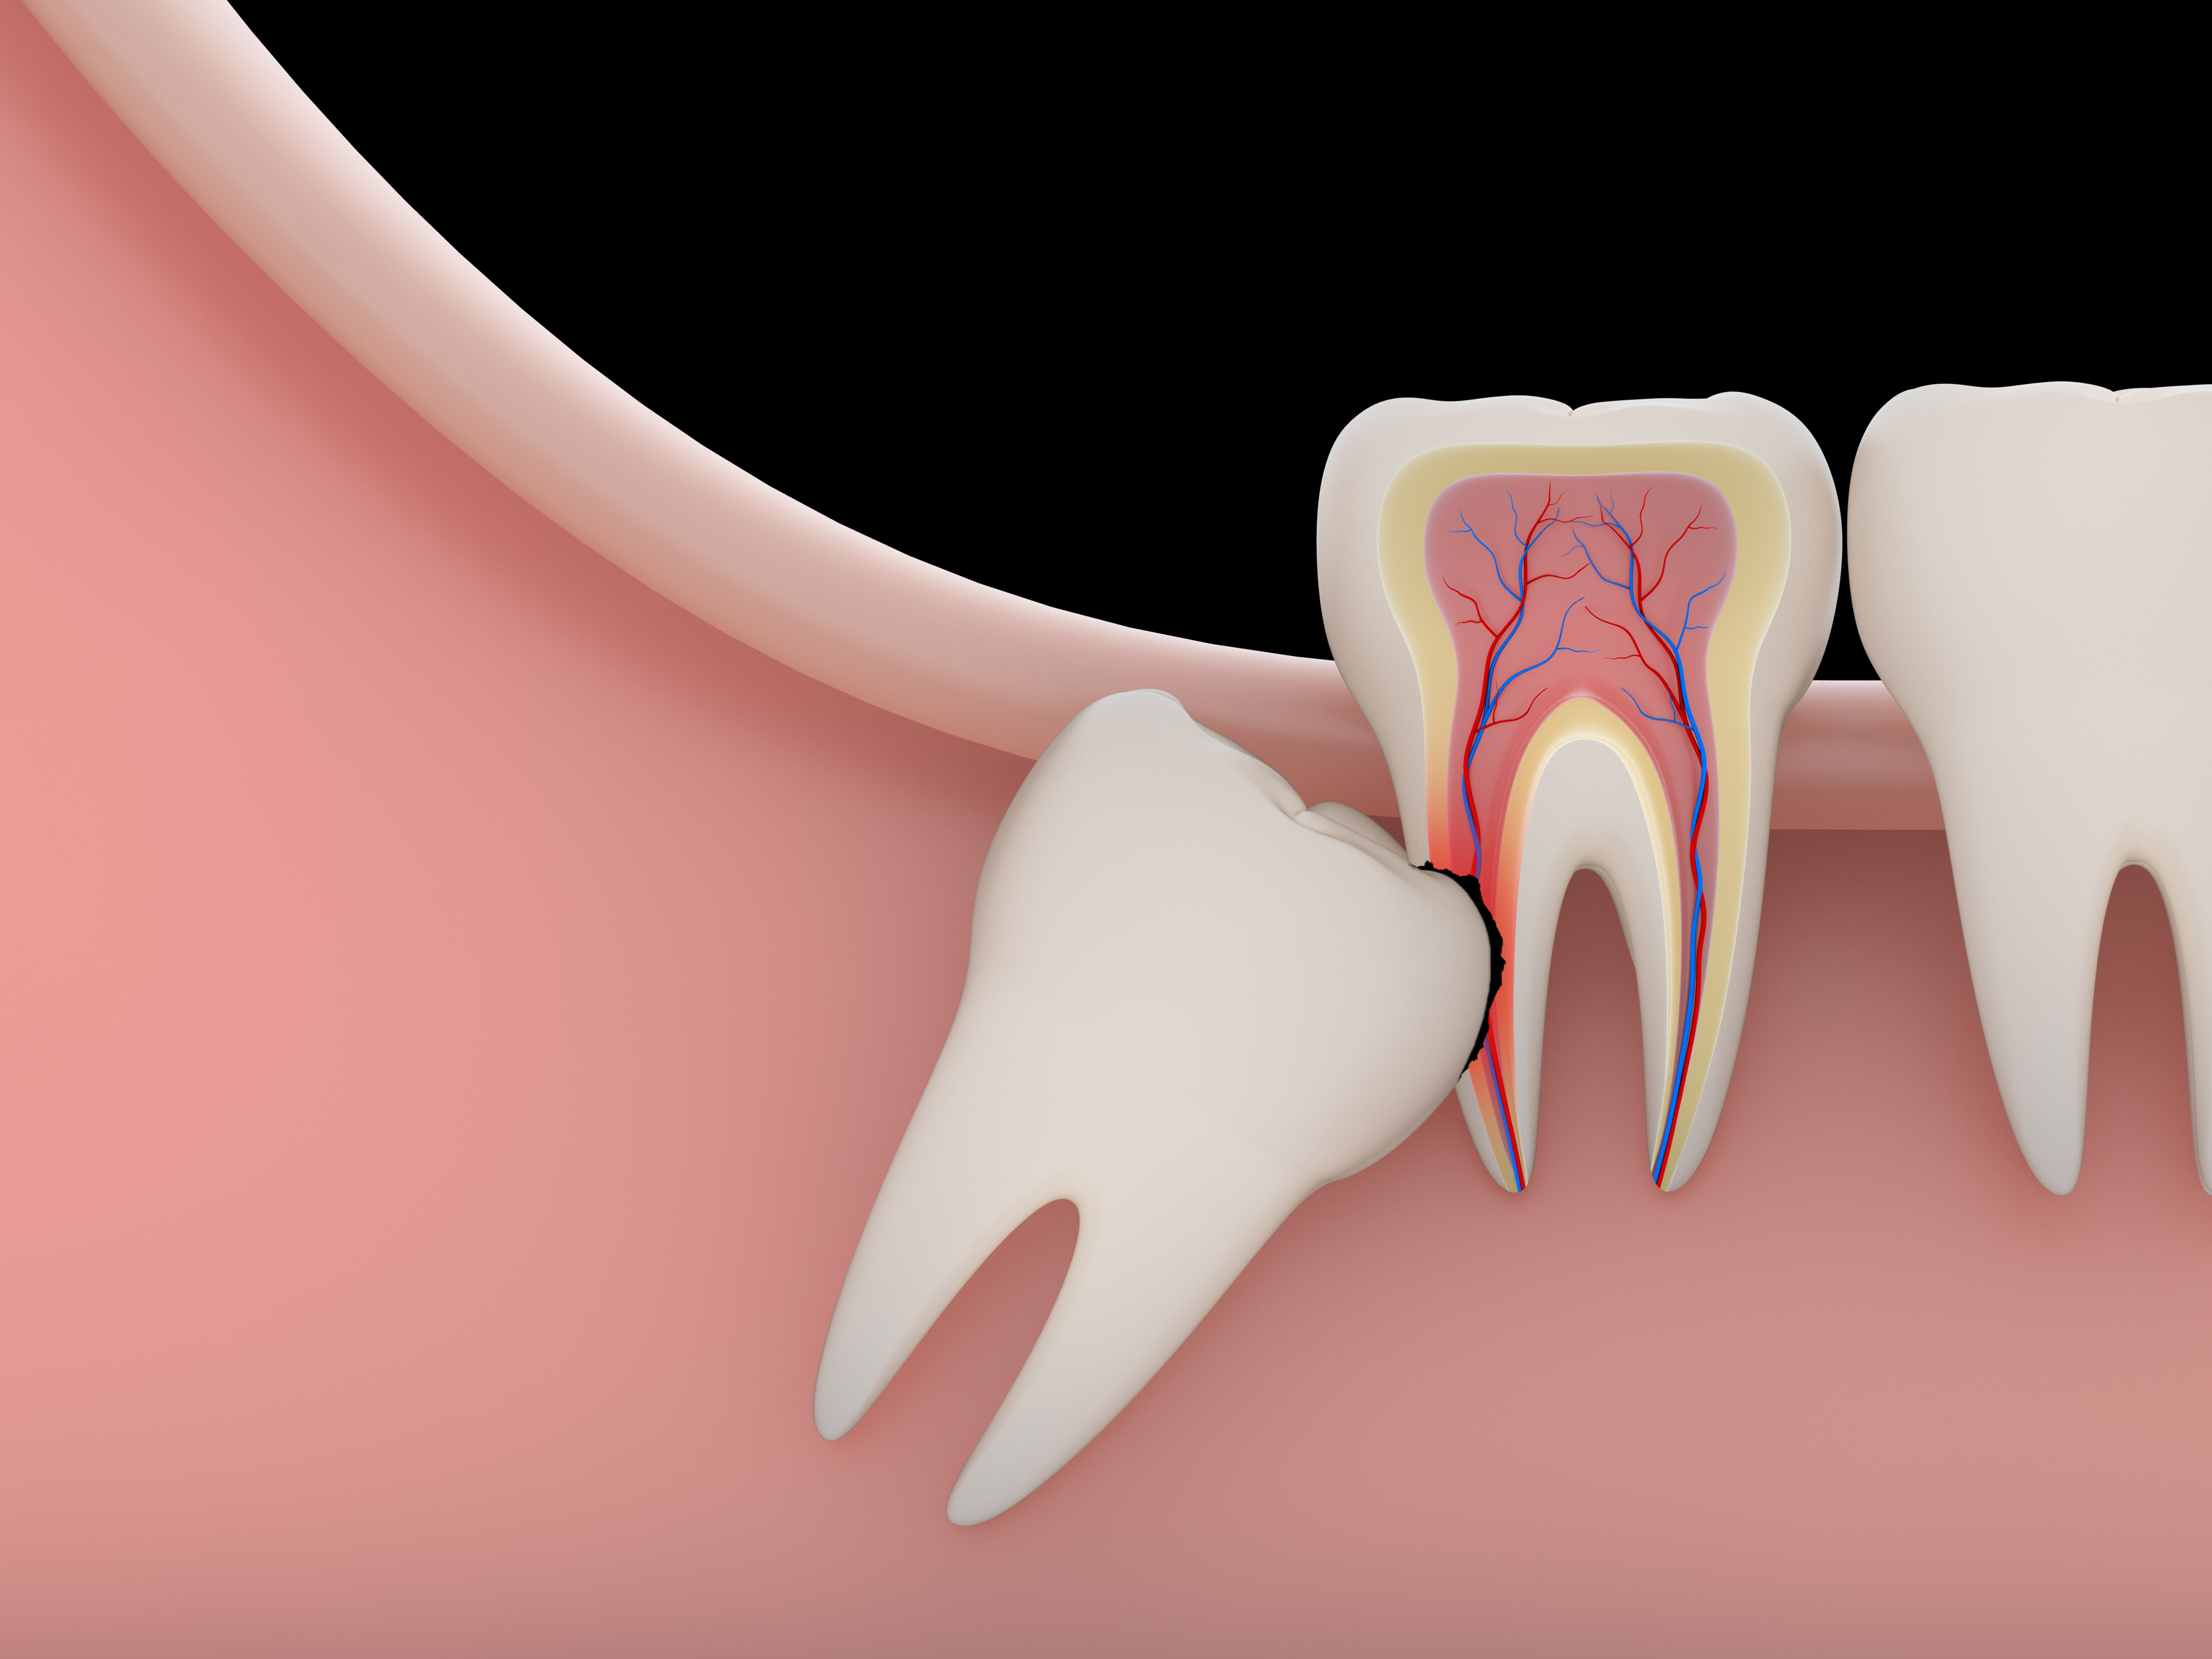 quando togliere il dente del giudizio | Dentista Modena